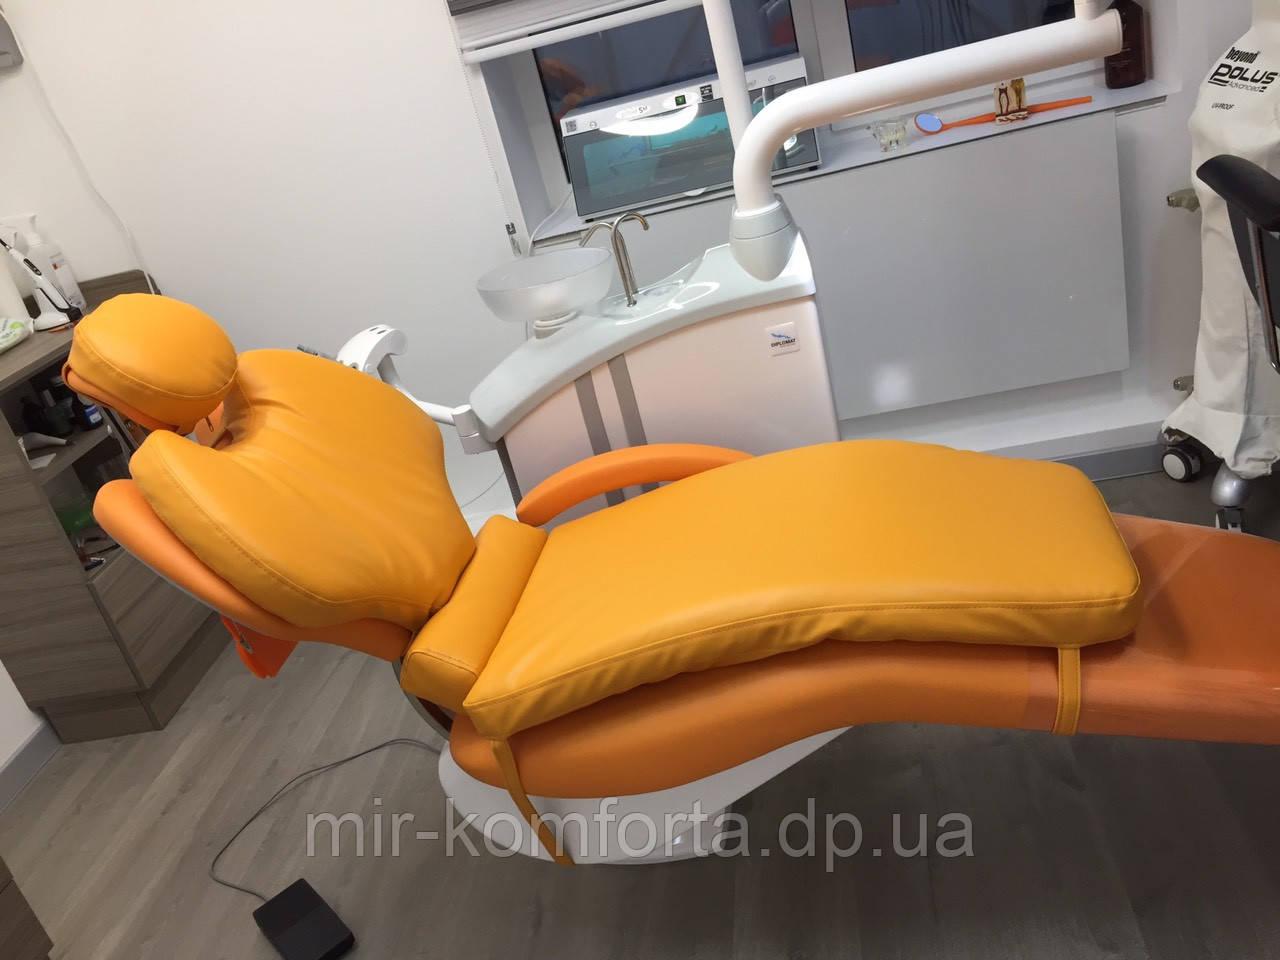 Ортопедический матрас для стоматологического кресла